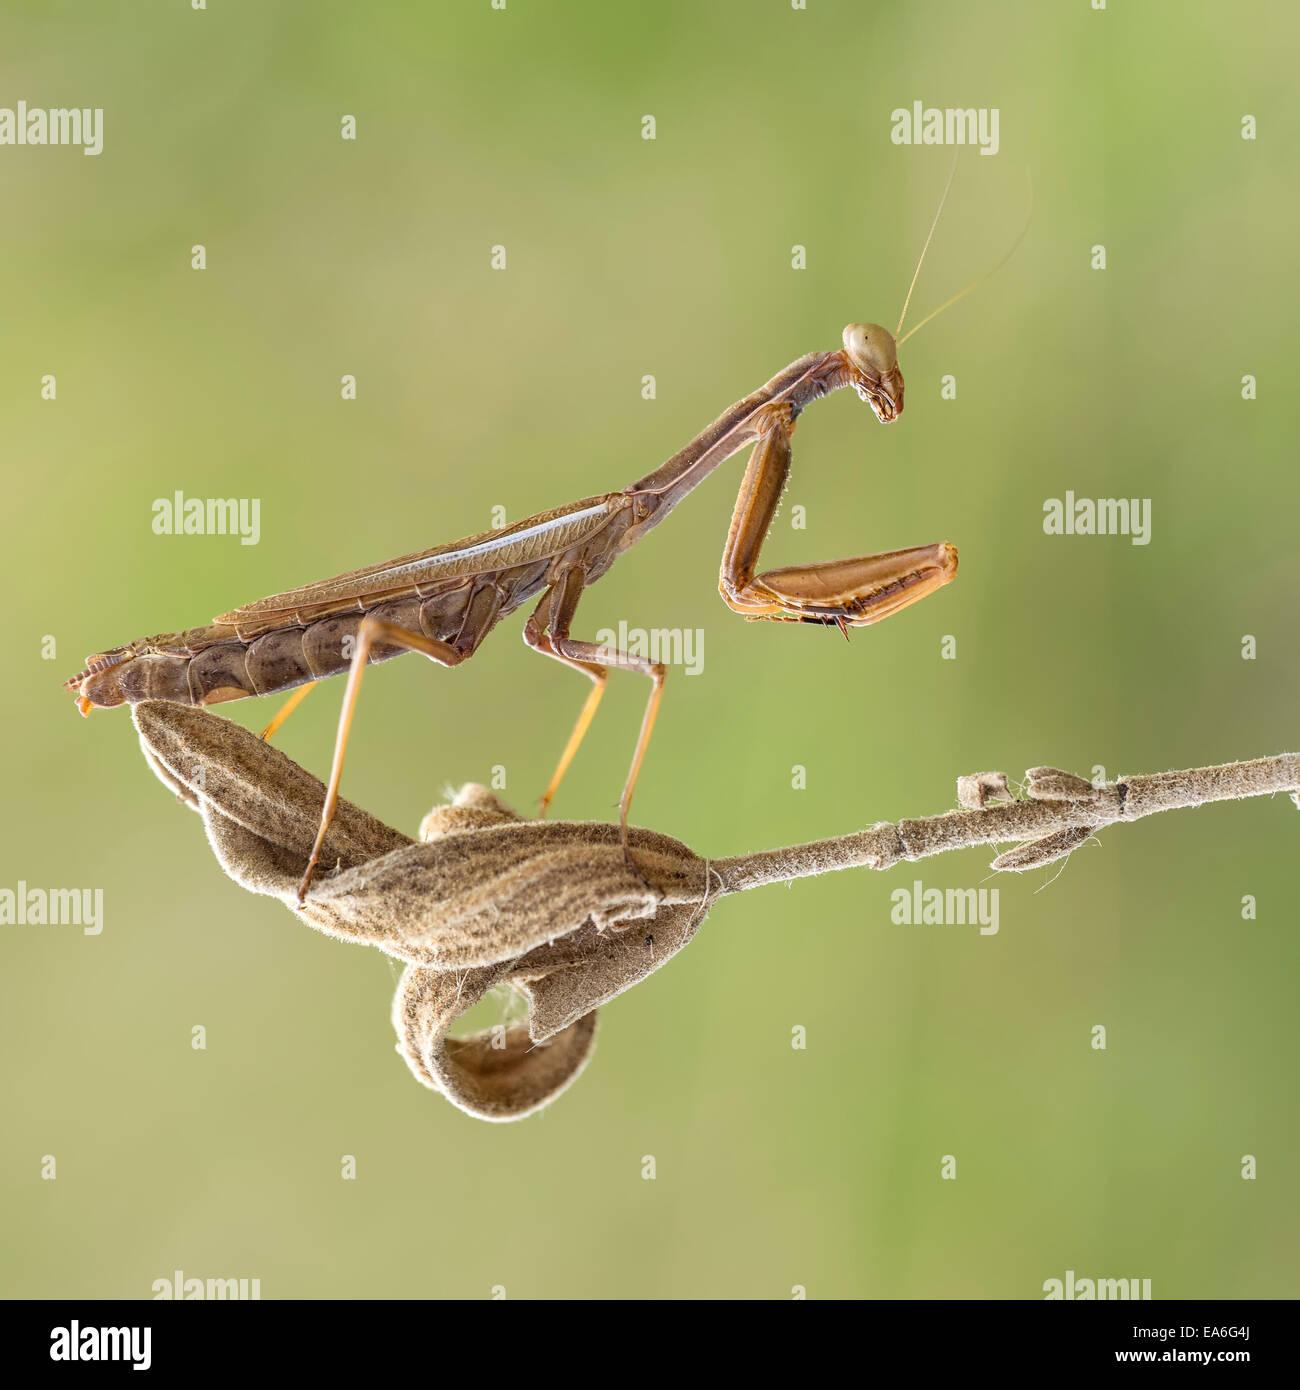 Macro shot of praying mantis Stock Photo